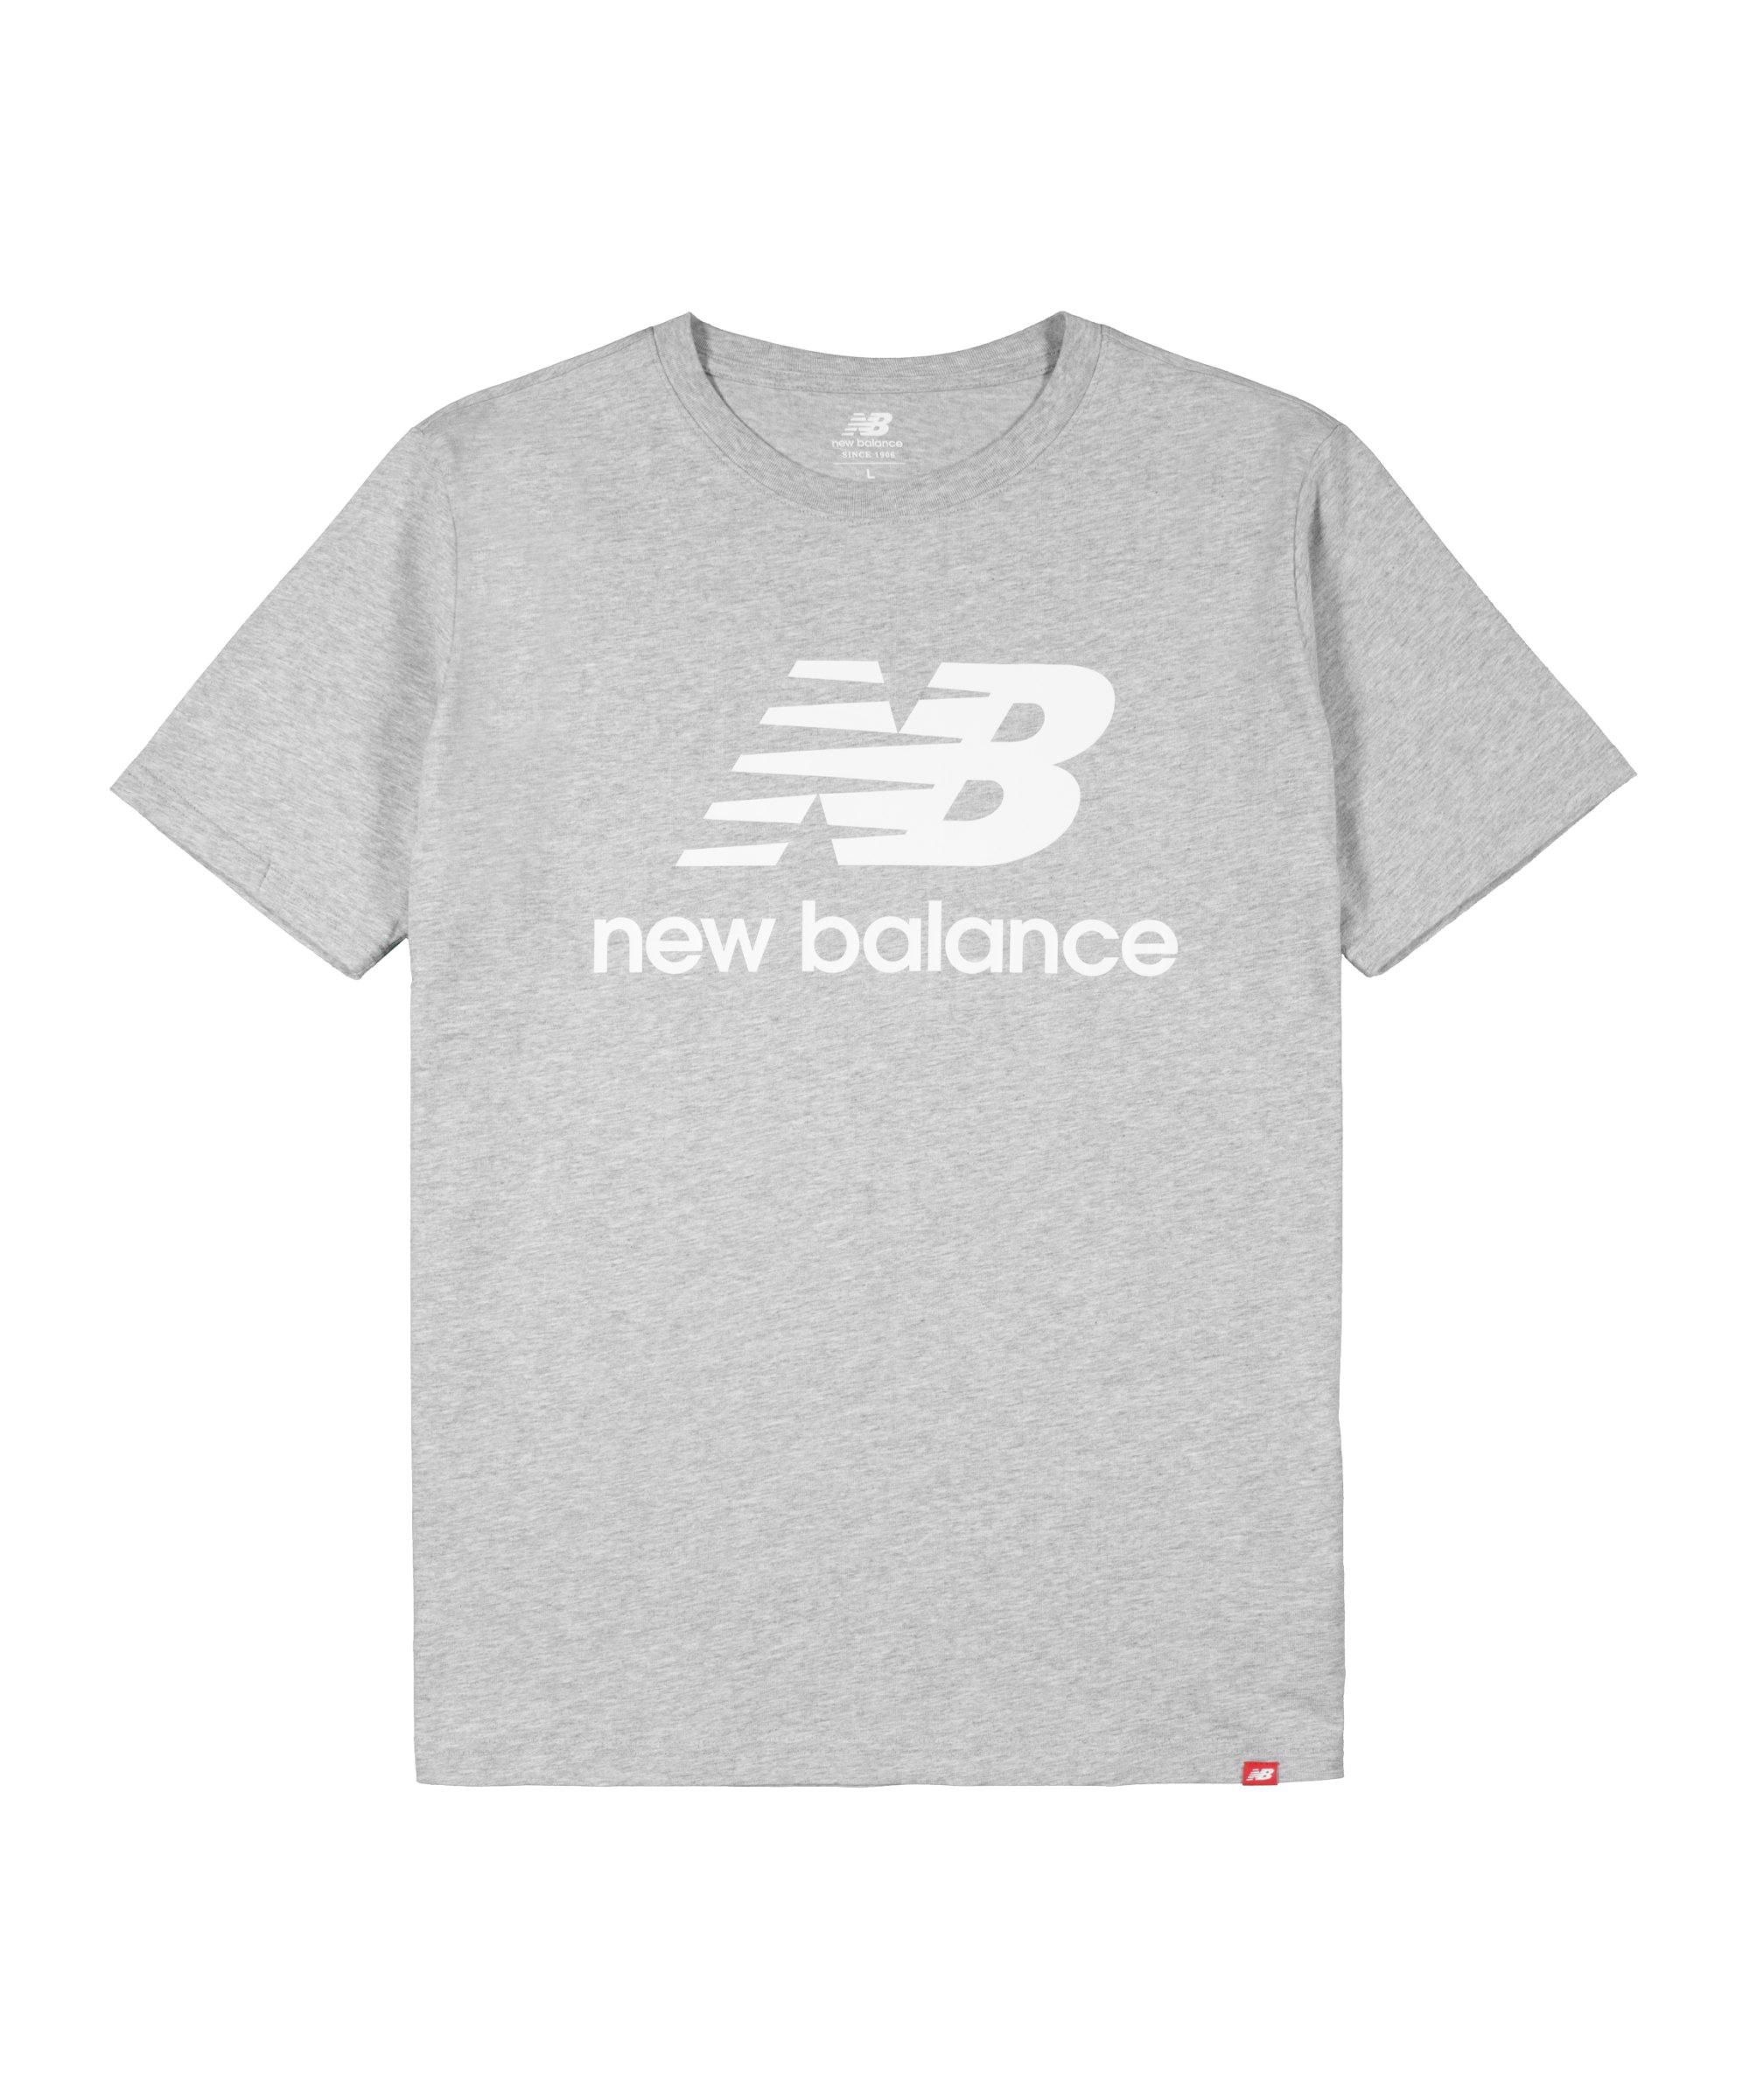 New Balance MT01575 T-Shirt Grau F121 - grau